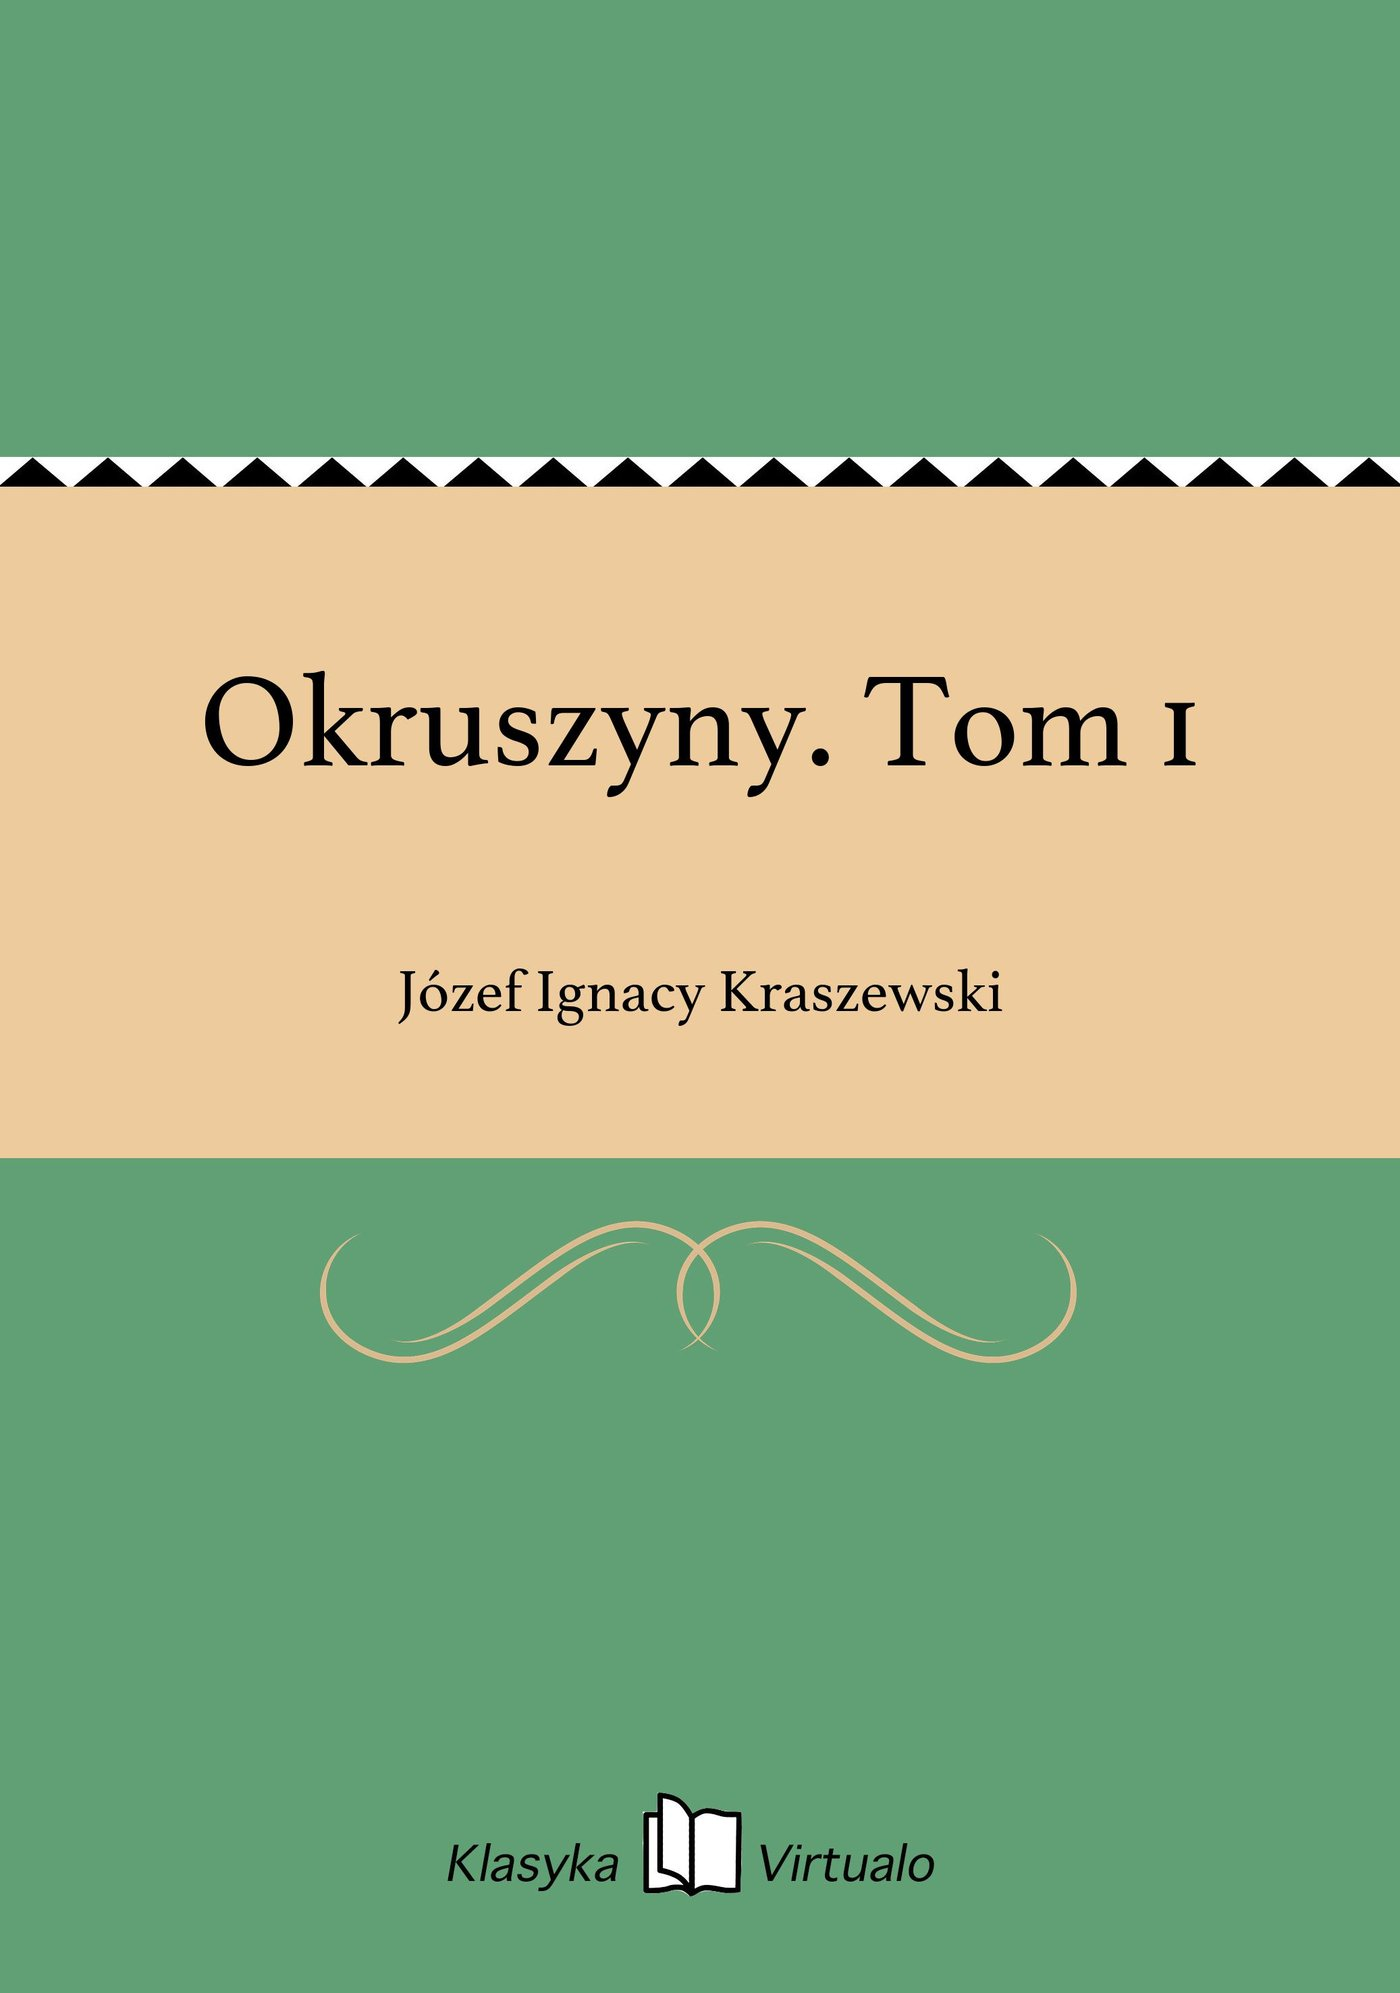 Okruszyny. Tom 1 - Ebook (Książka EPUB) do pobrania w formacie EPUB